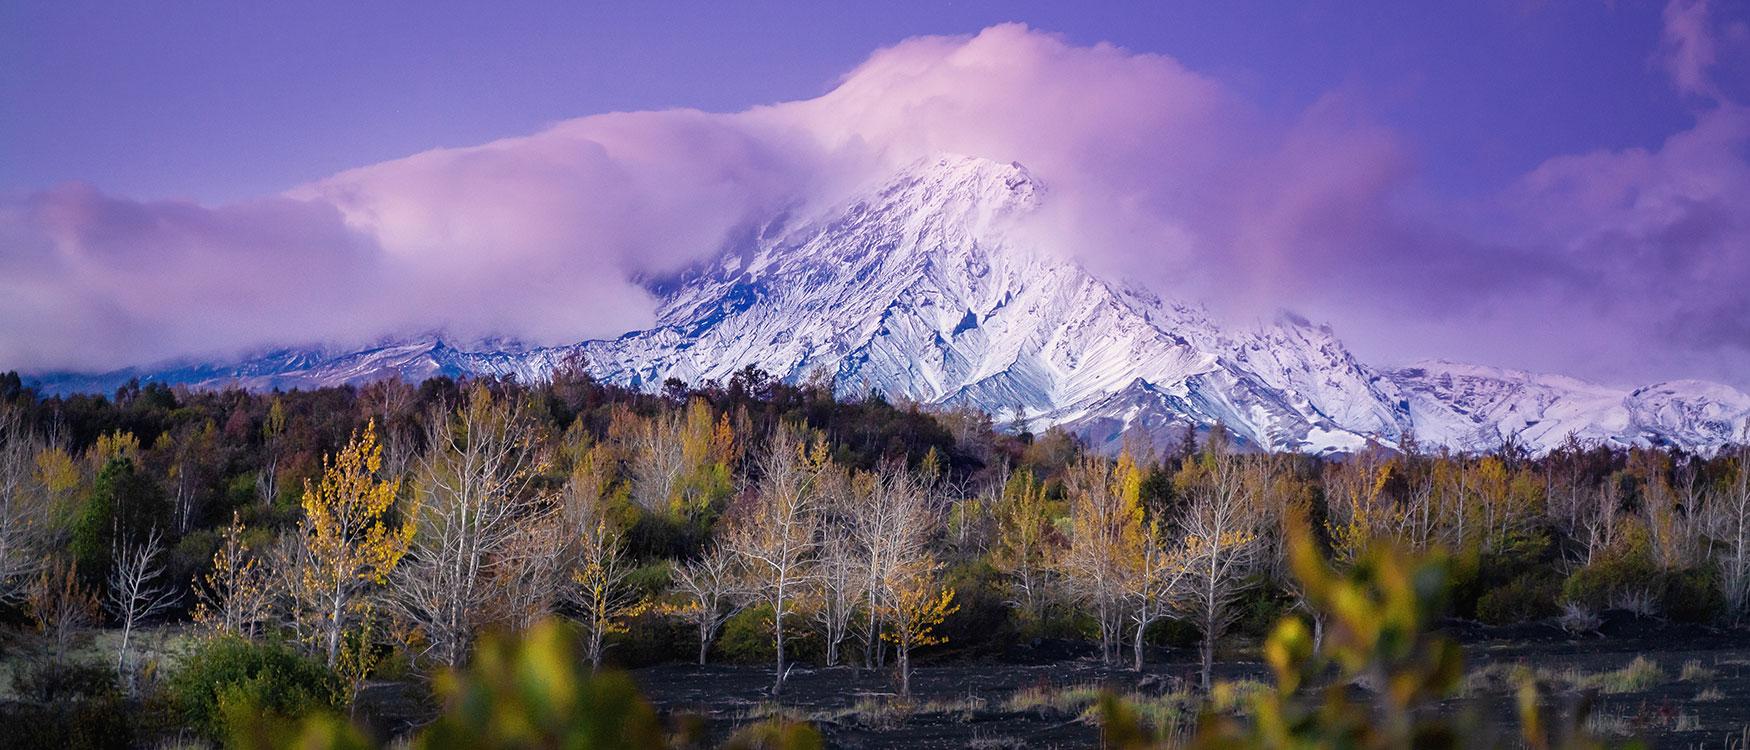 Kamtschatka: Zu Besuch im Land der Vulkane, Bären und Wale